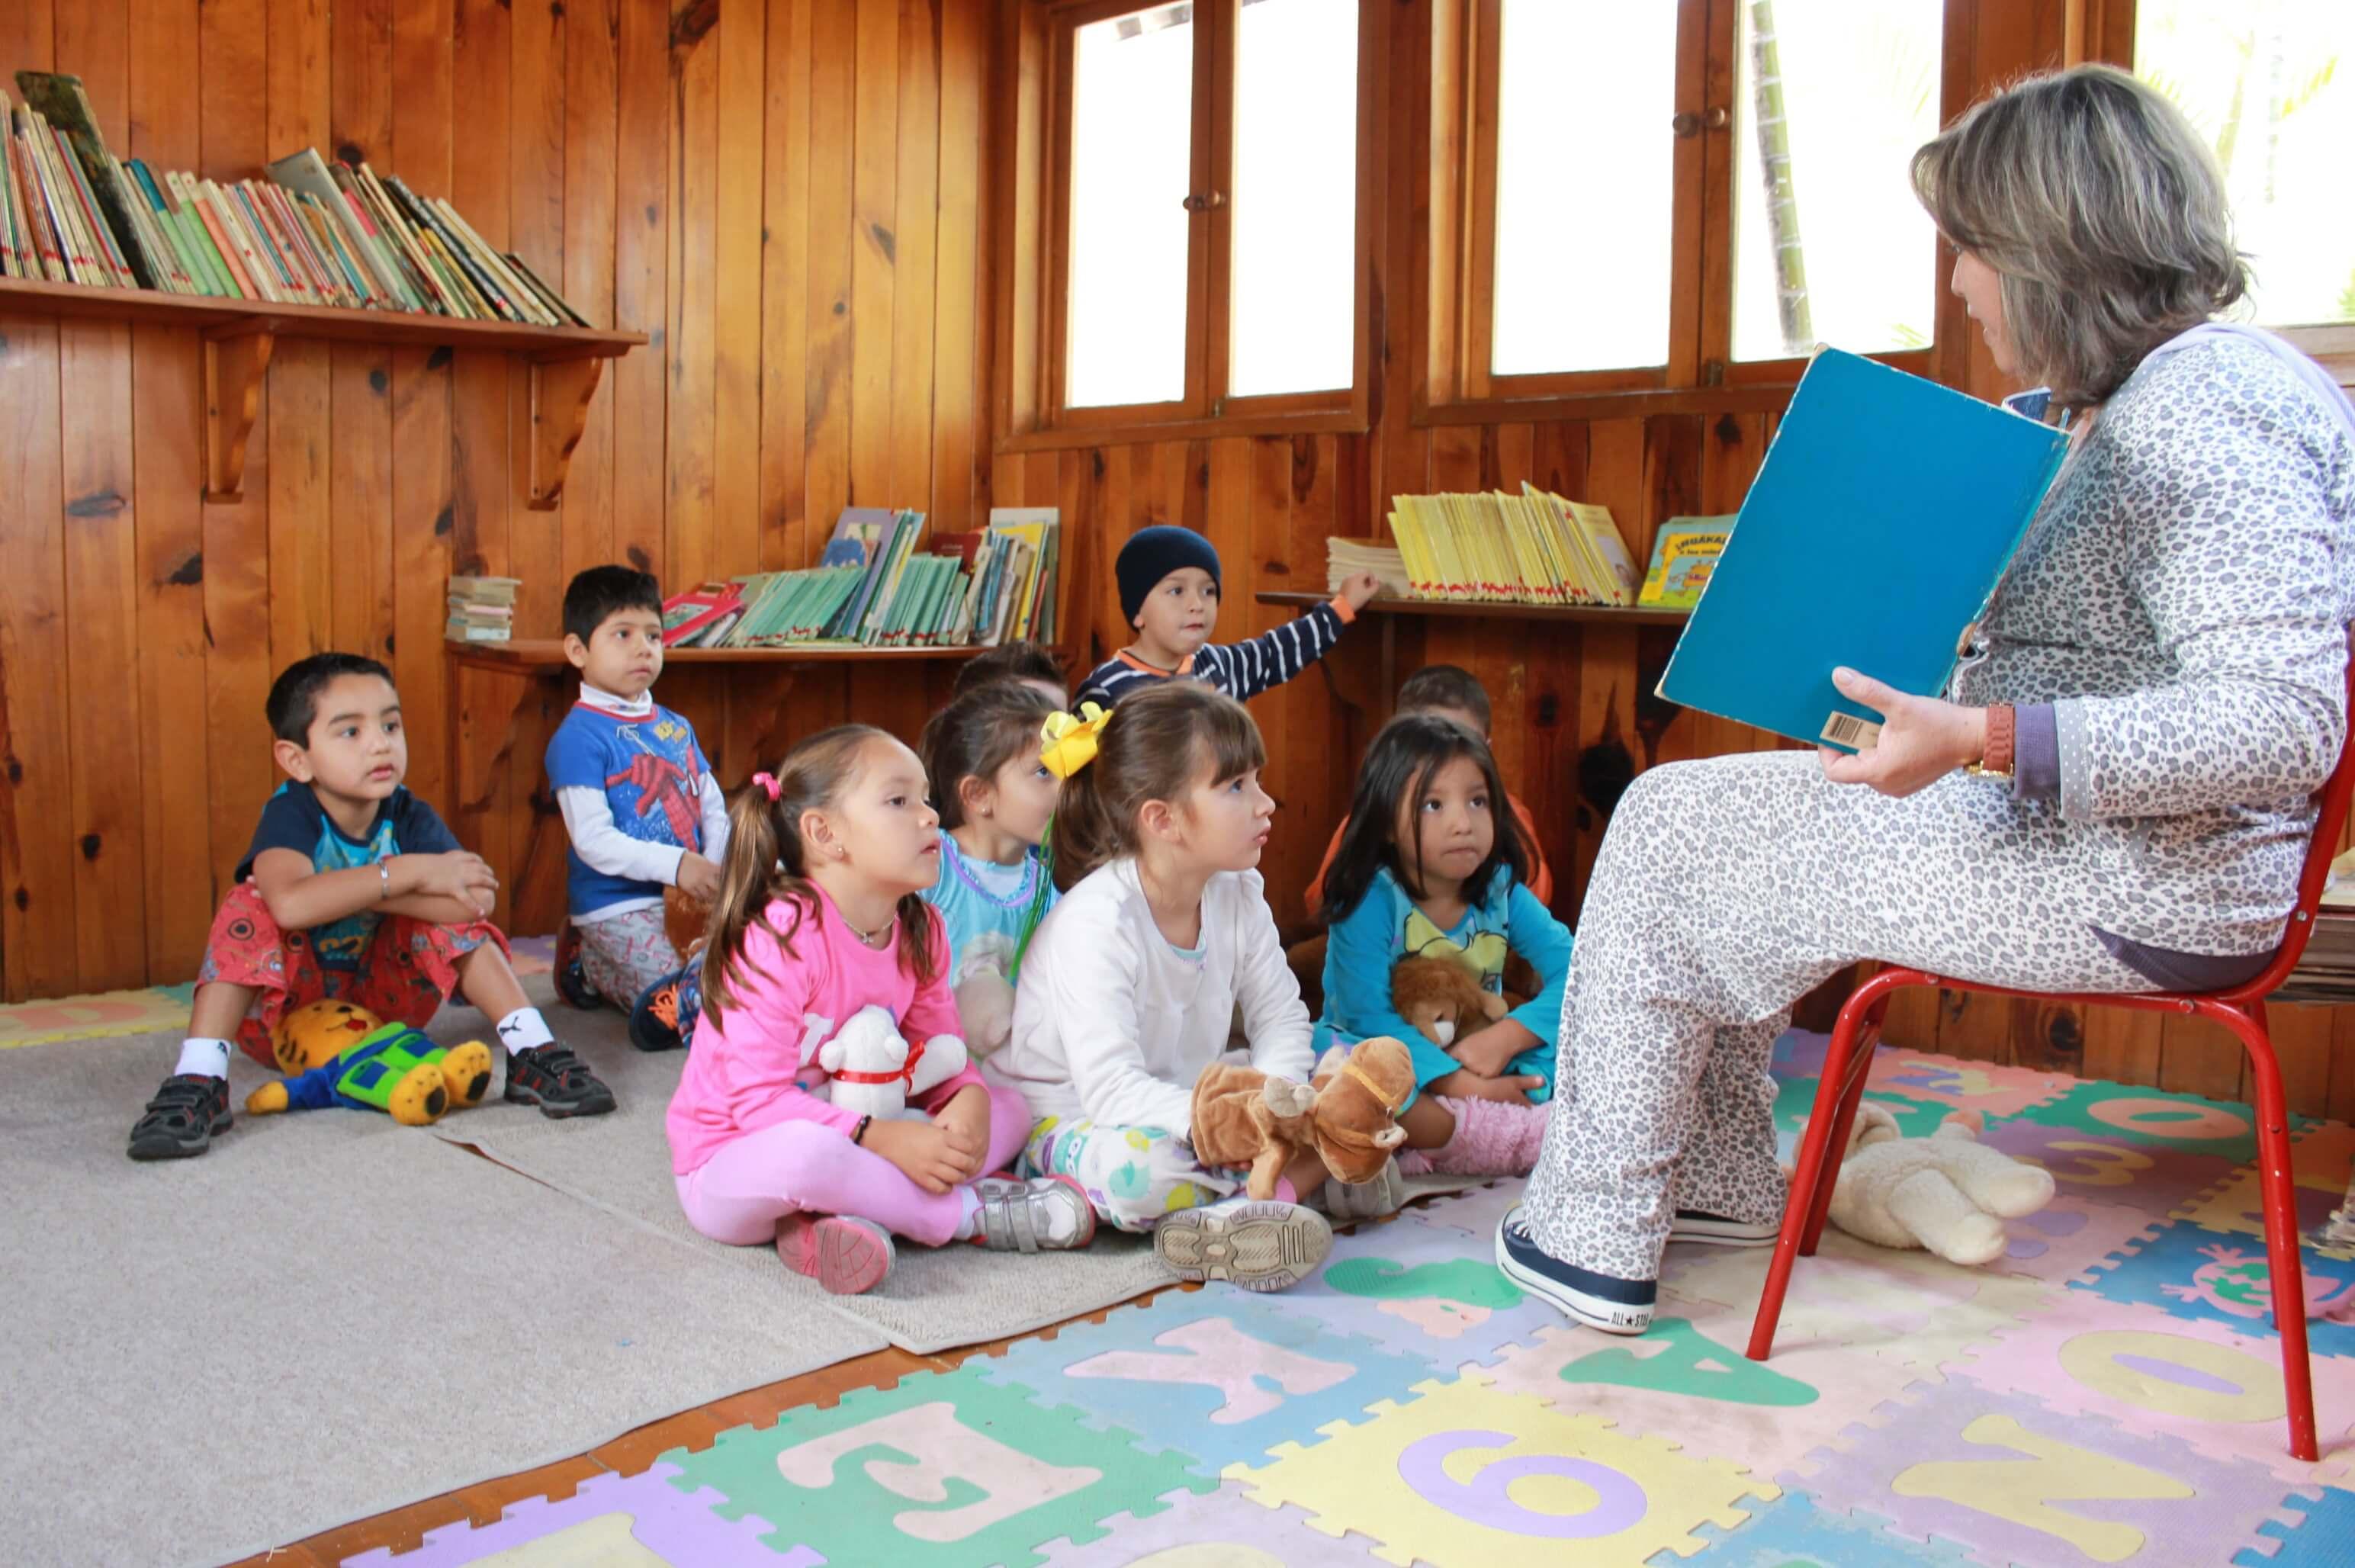 Blog-Imagen-habilidades-puede-desarrollar-hijo-desde-preescolar-prekinder-cuentacuentos-Colegio-Williams-de-Cuernavaca-Oct